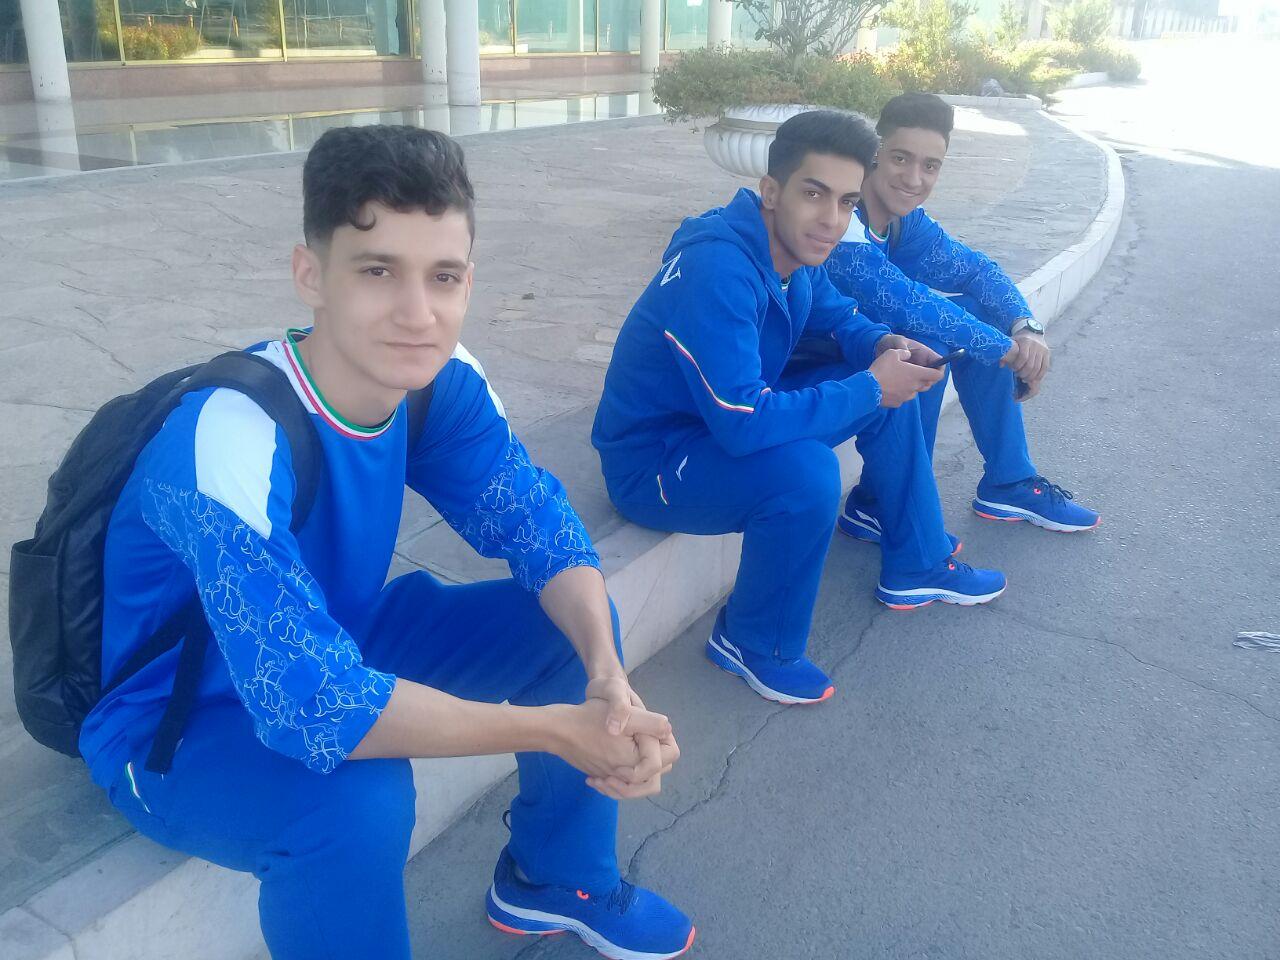 دومین کاروان ورزشکاران ایران به بازی های آسیایی اعزام شد